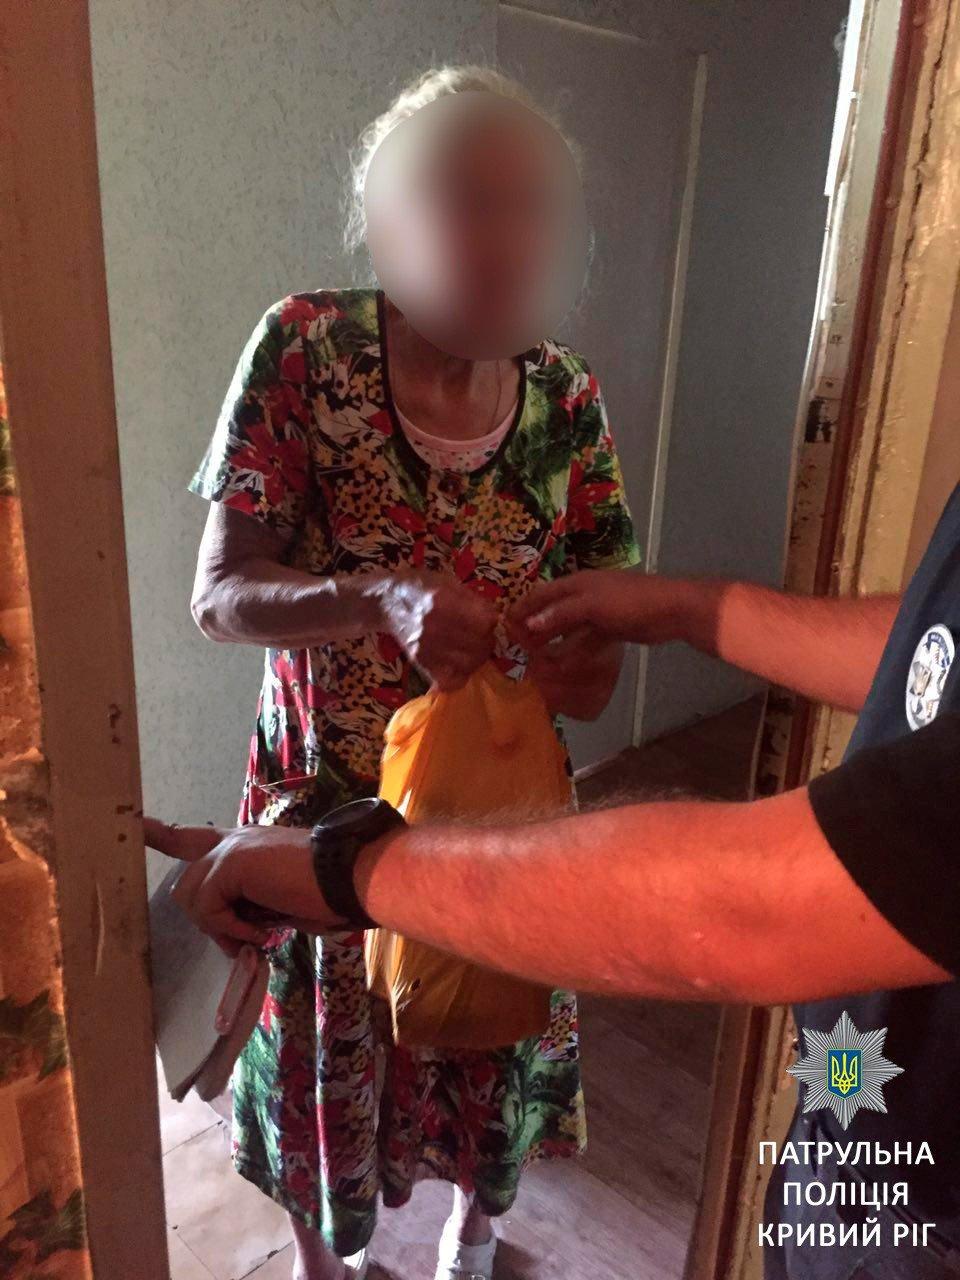 В Кривом Роге потерялась 77-летняя старушка, - ФОТО, фото-1